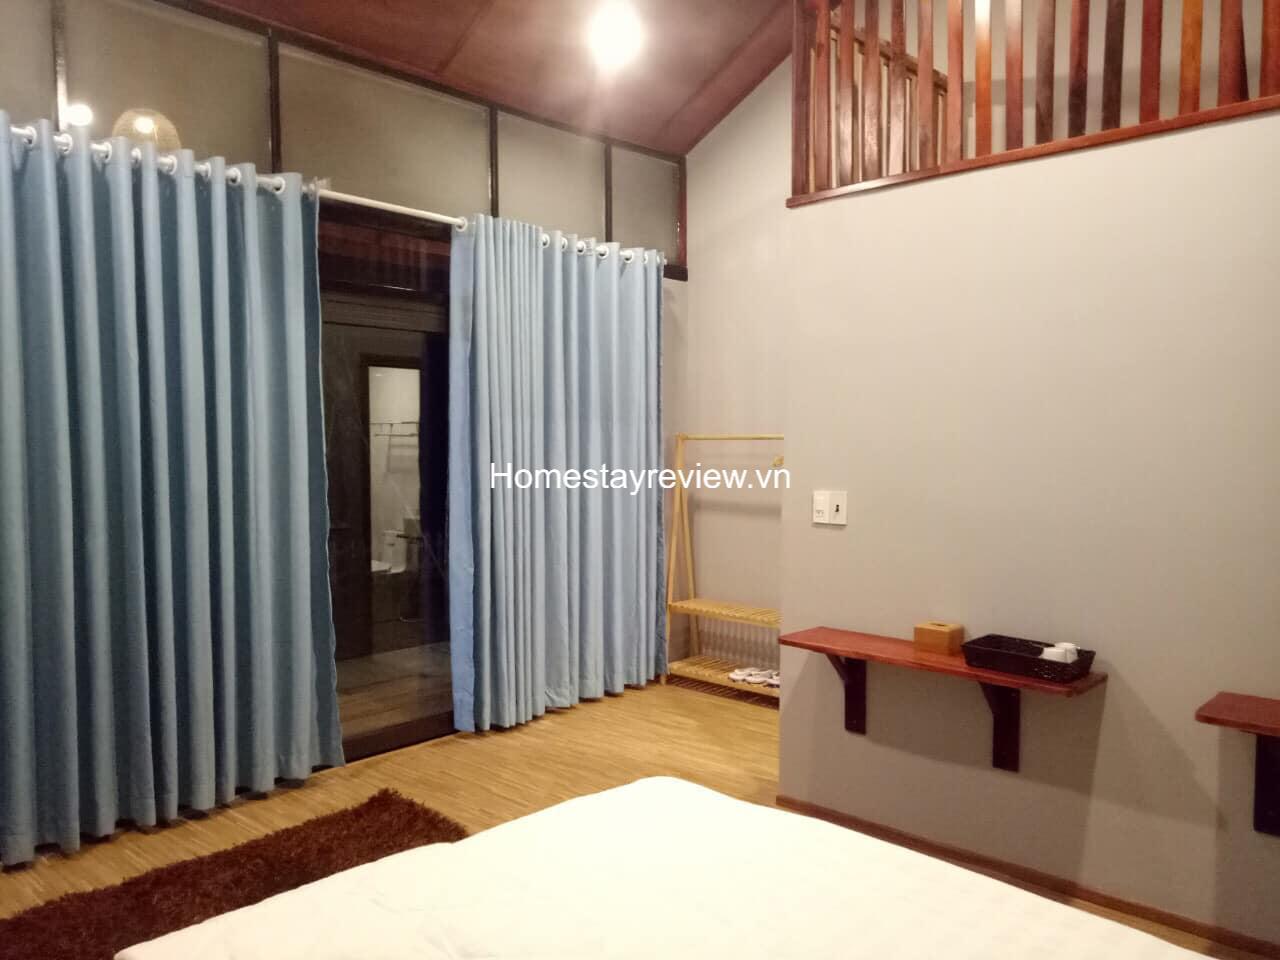 Top 20 homestay Phú Quốc giá rẻ view đẹp gần biển, trung tâm, chợ đêm